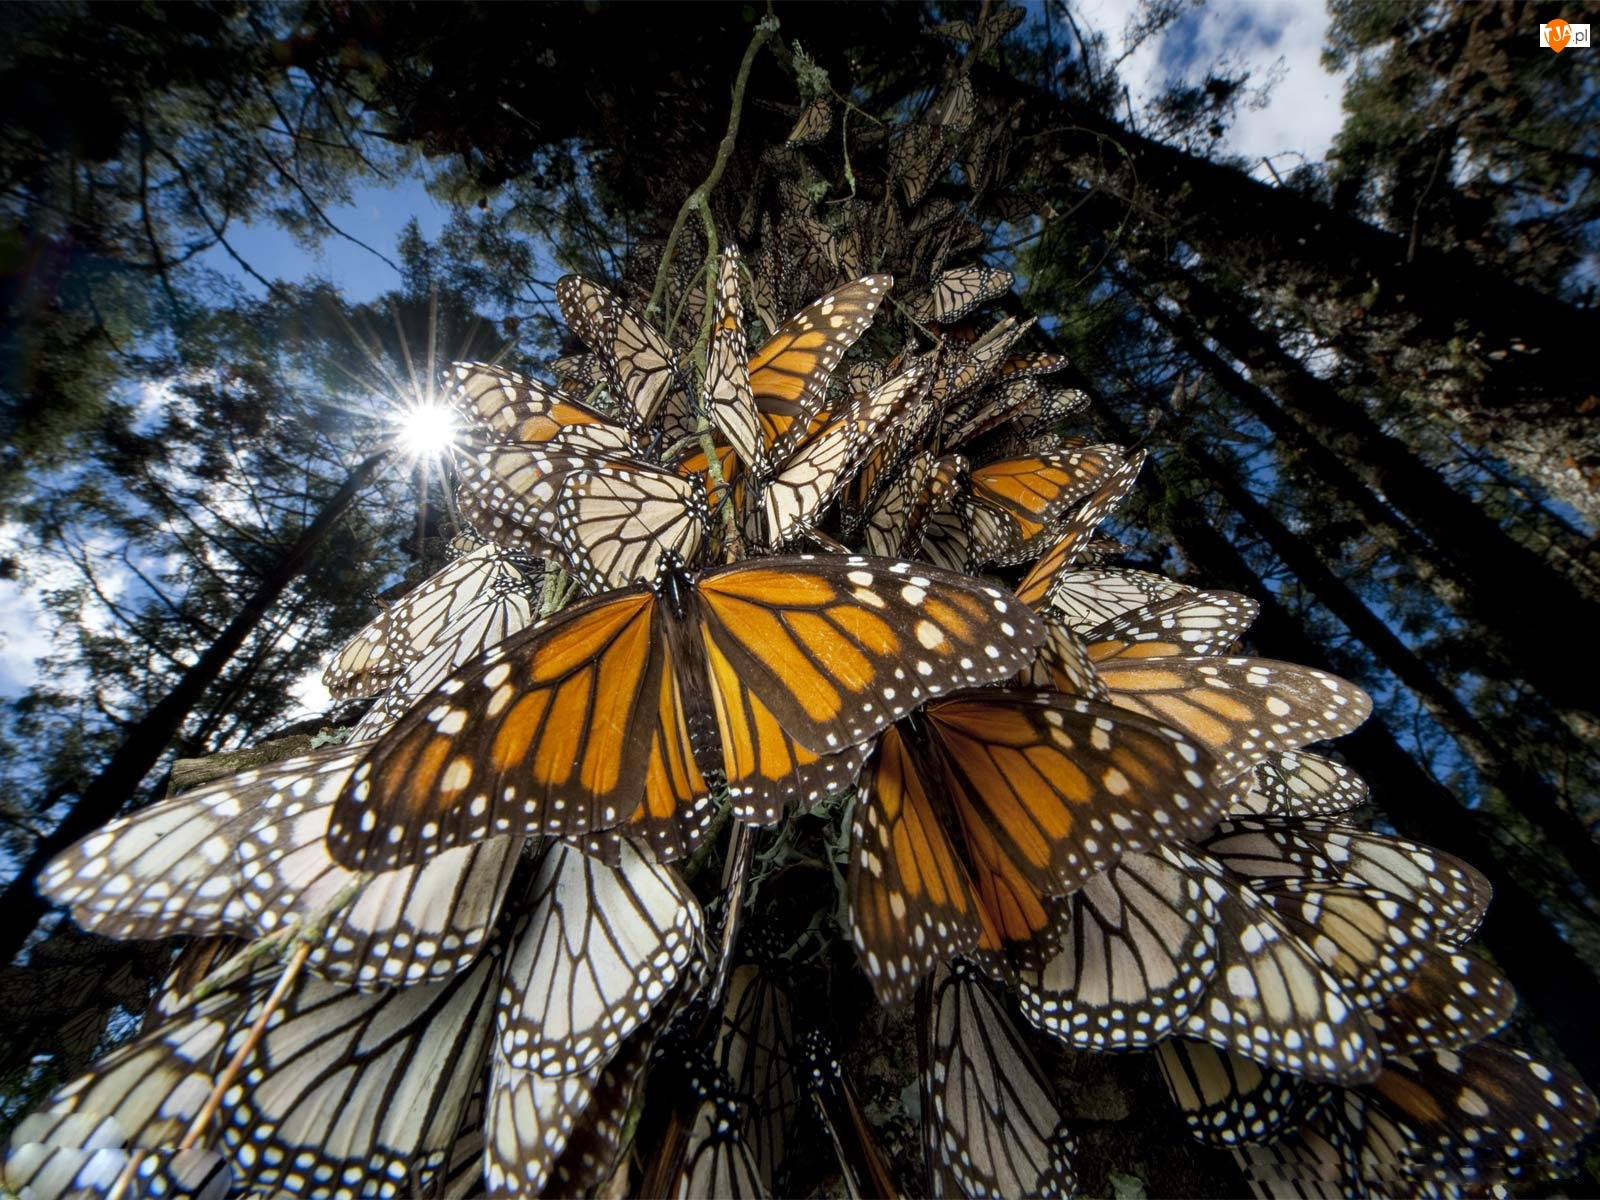 Motyle, Drzewo